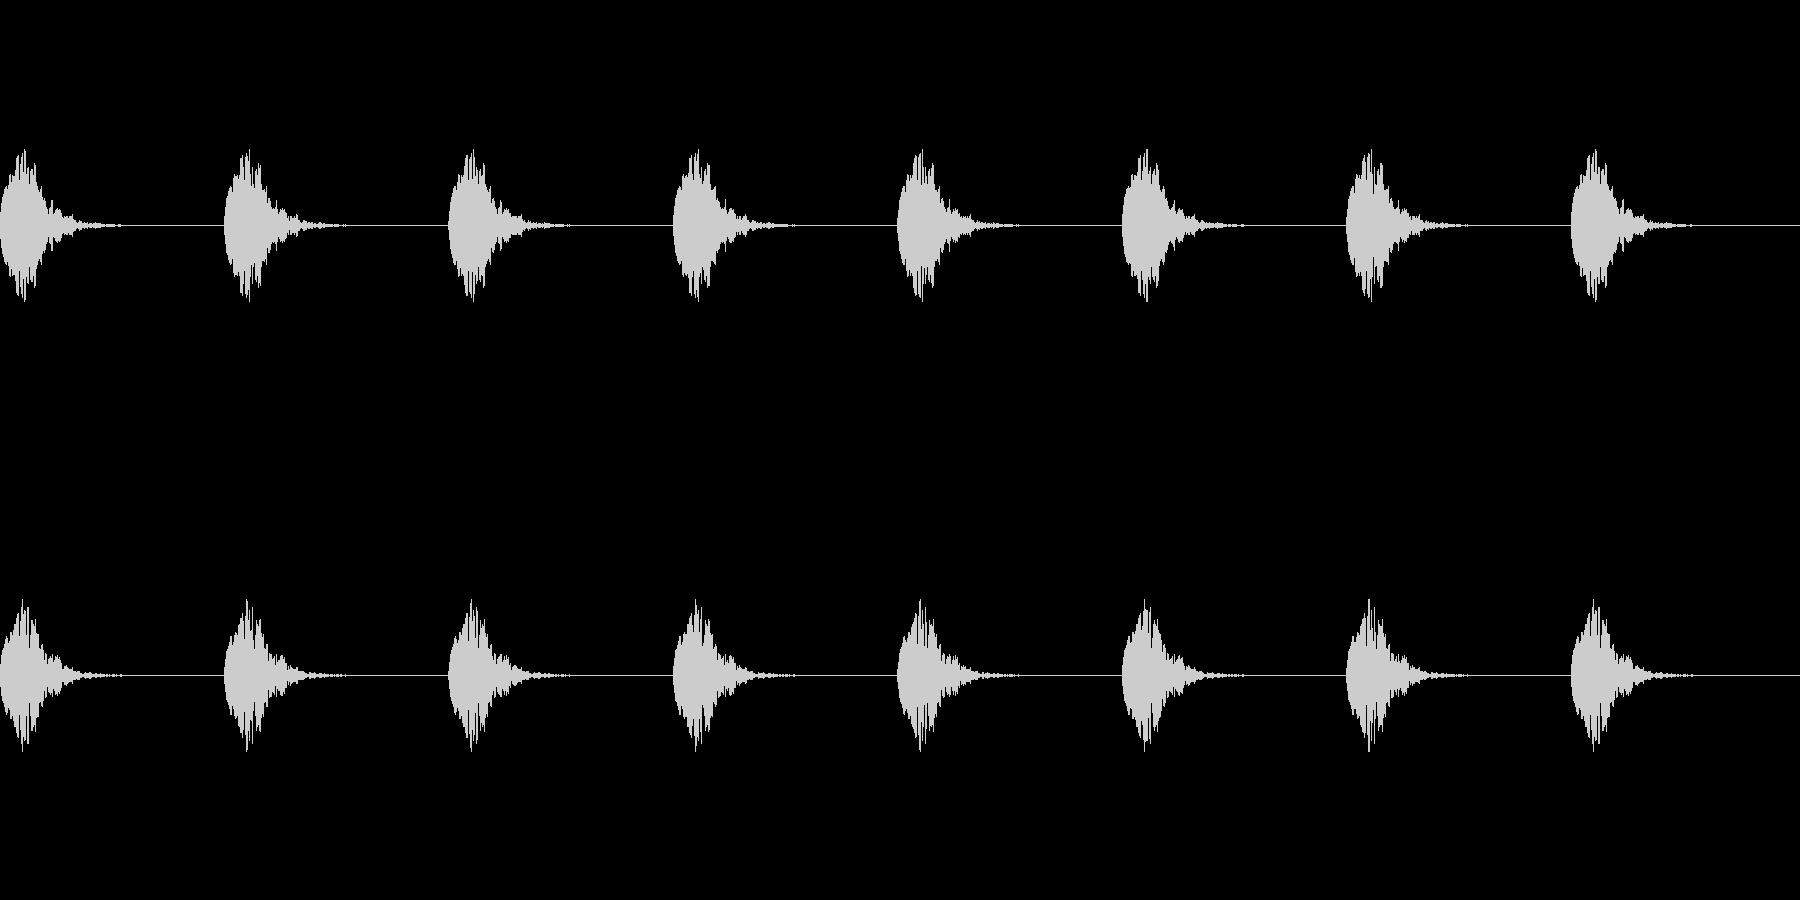 【誘導音 横断歩道01-4L】の未再生の波形